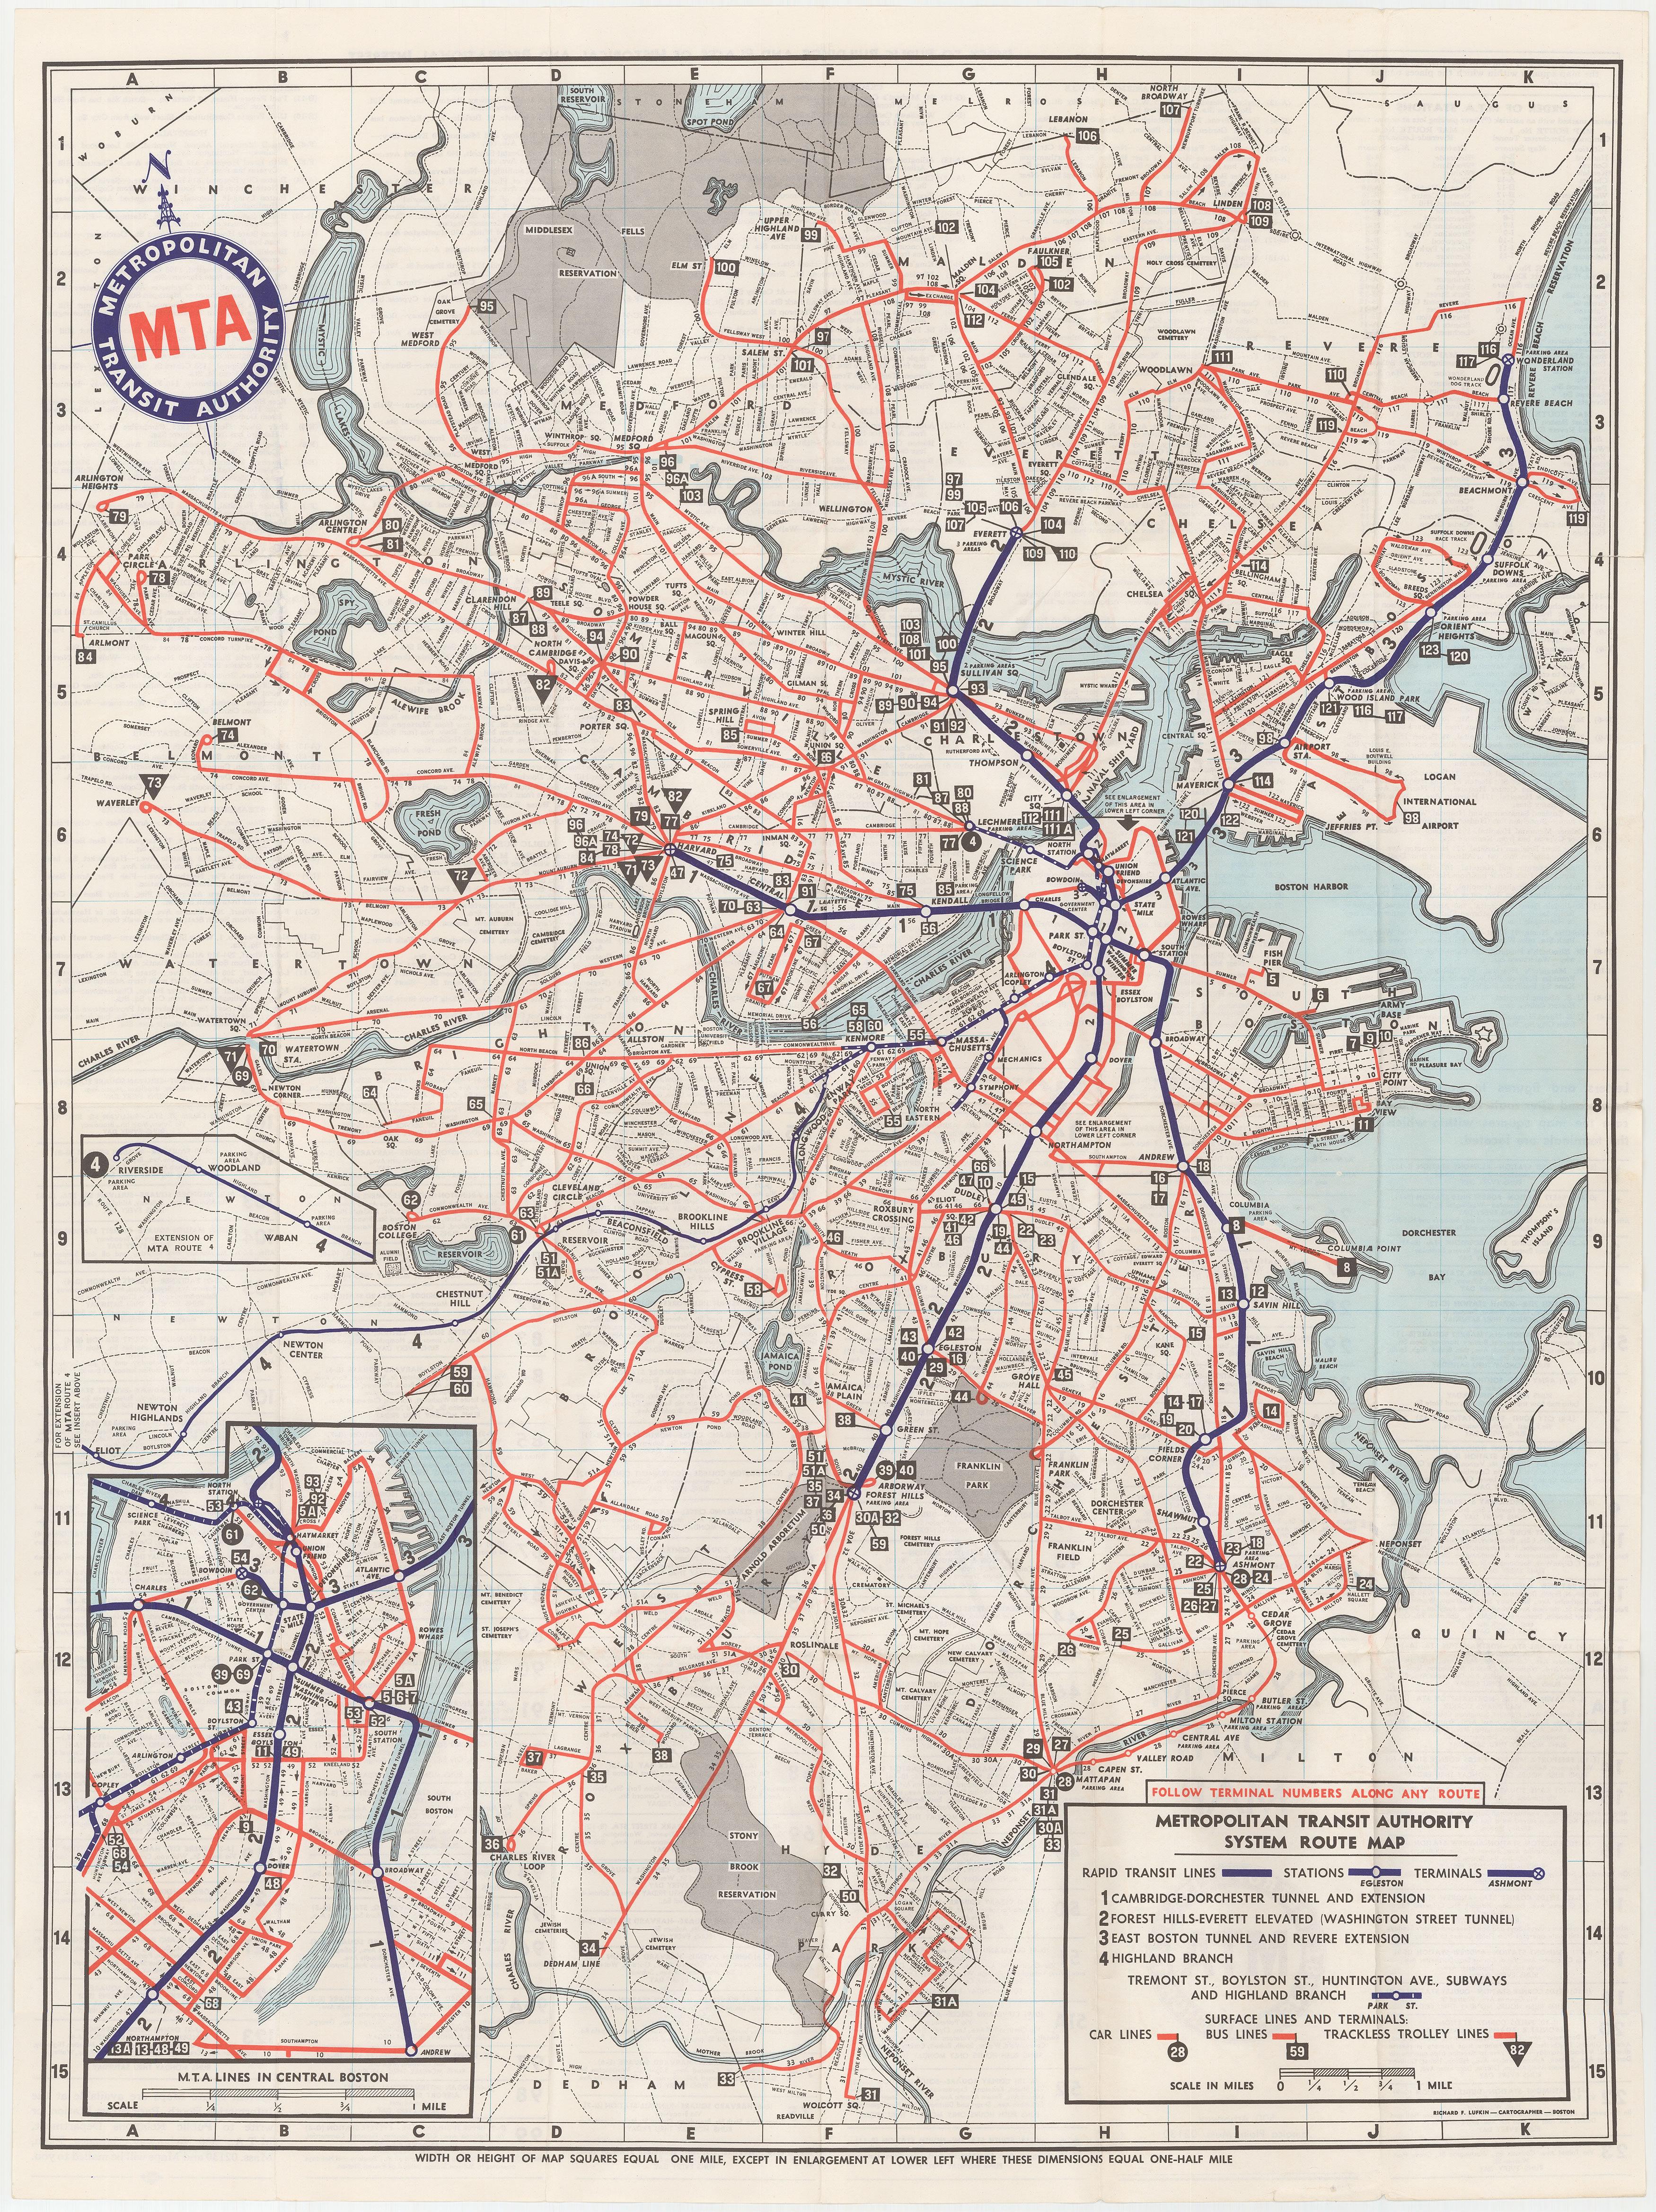 Boston Mta Map File:1964 M.T.A. Boston map.png   Wikimedia Commons